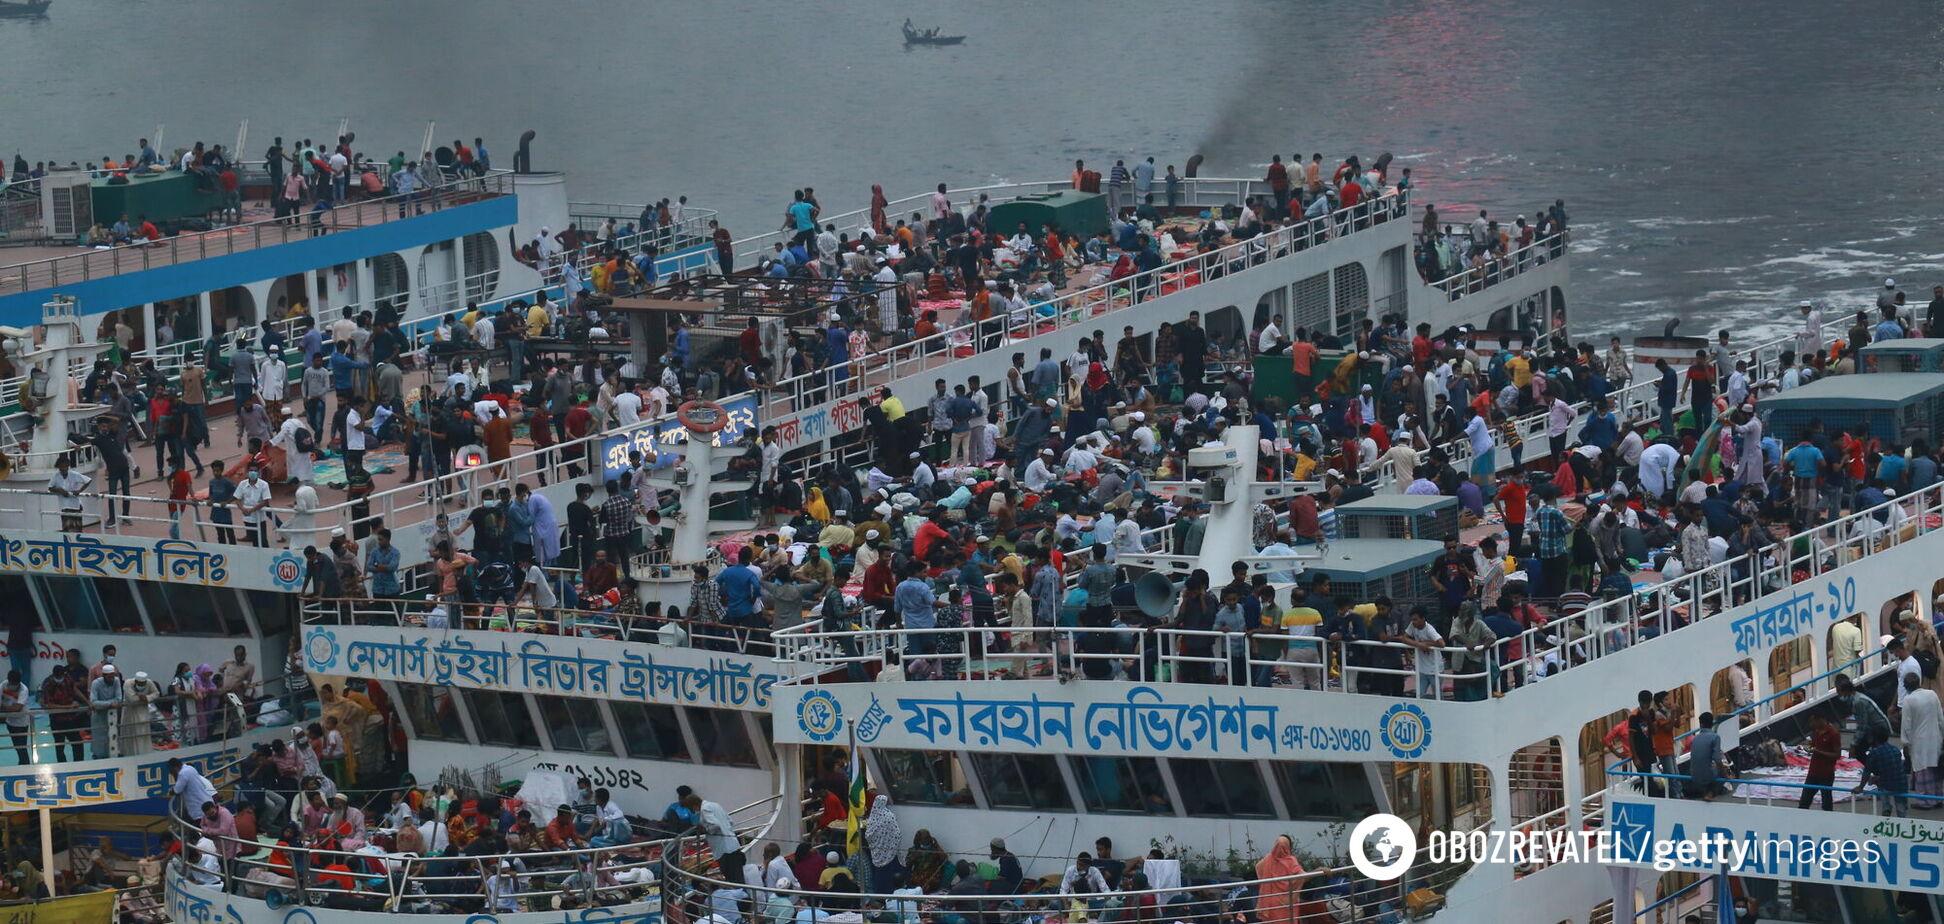 У Бангладеш затонув пором із пасажирами